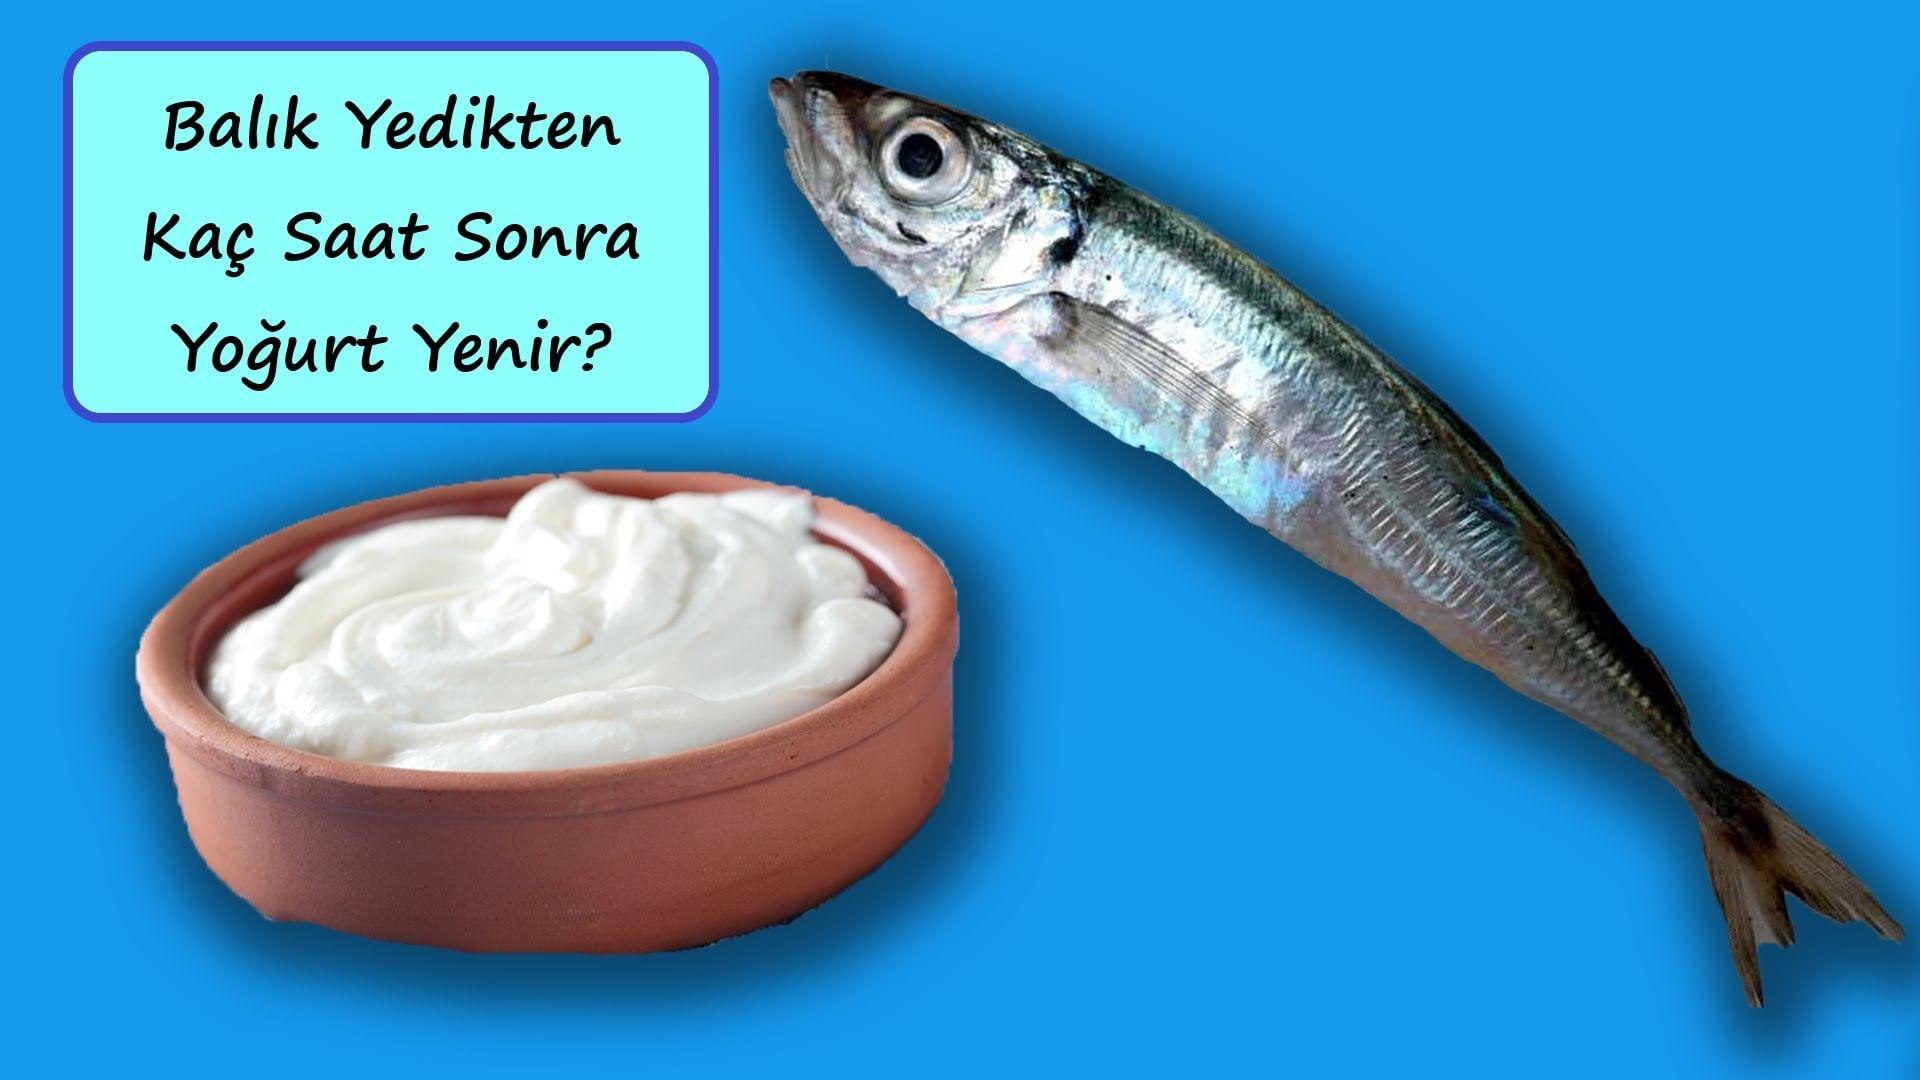 Balık Yedikten Sonra Sütlü Tatlı Yenir mi